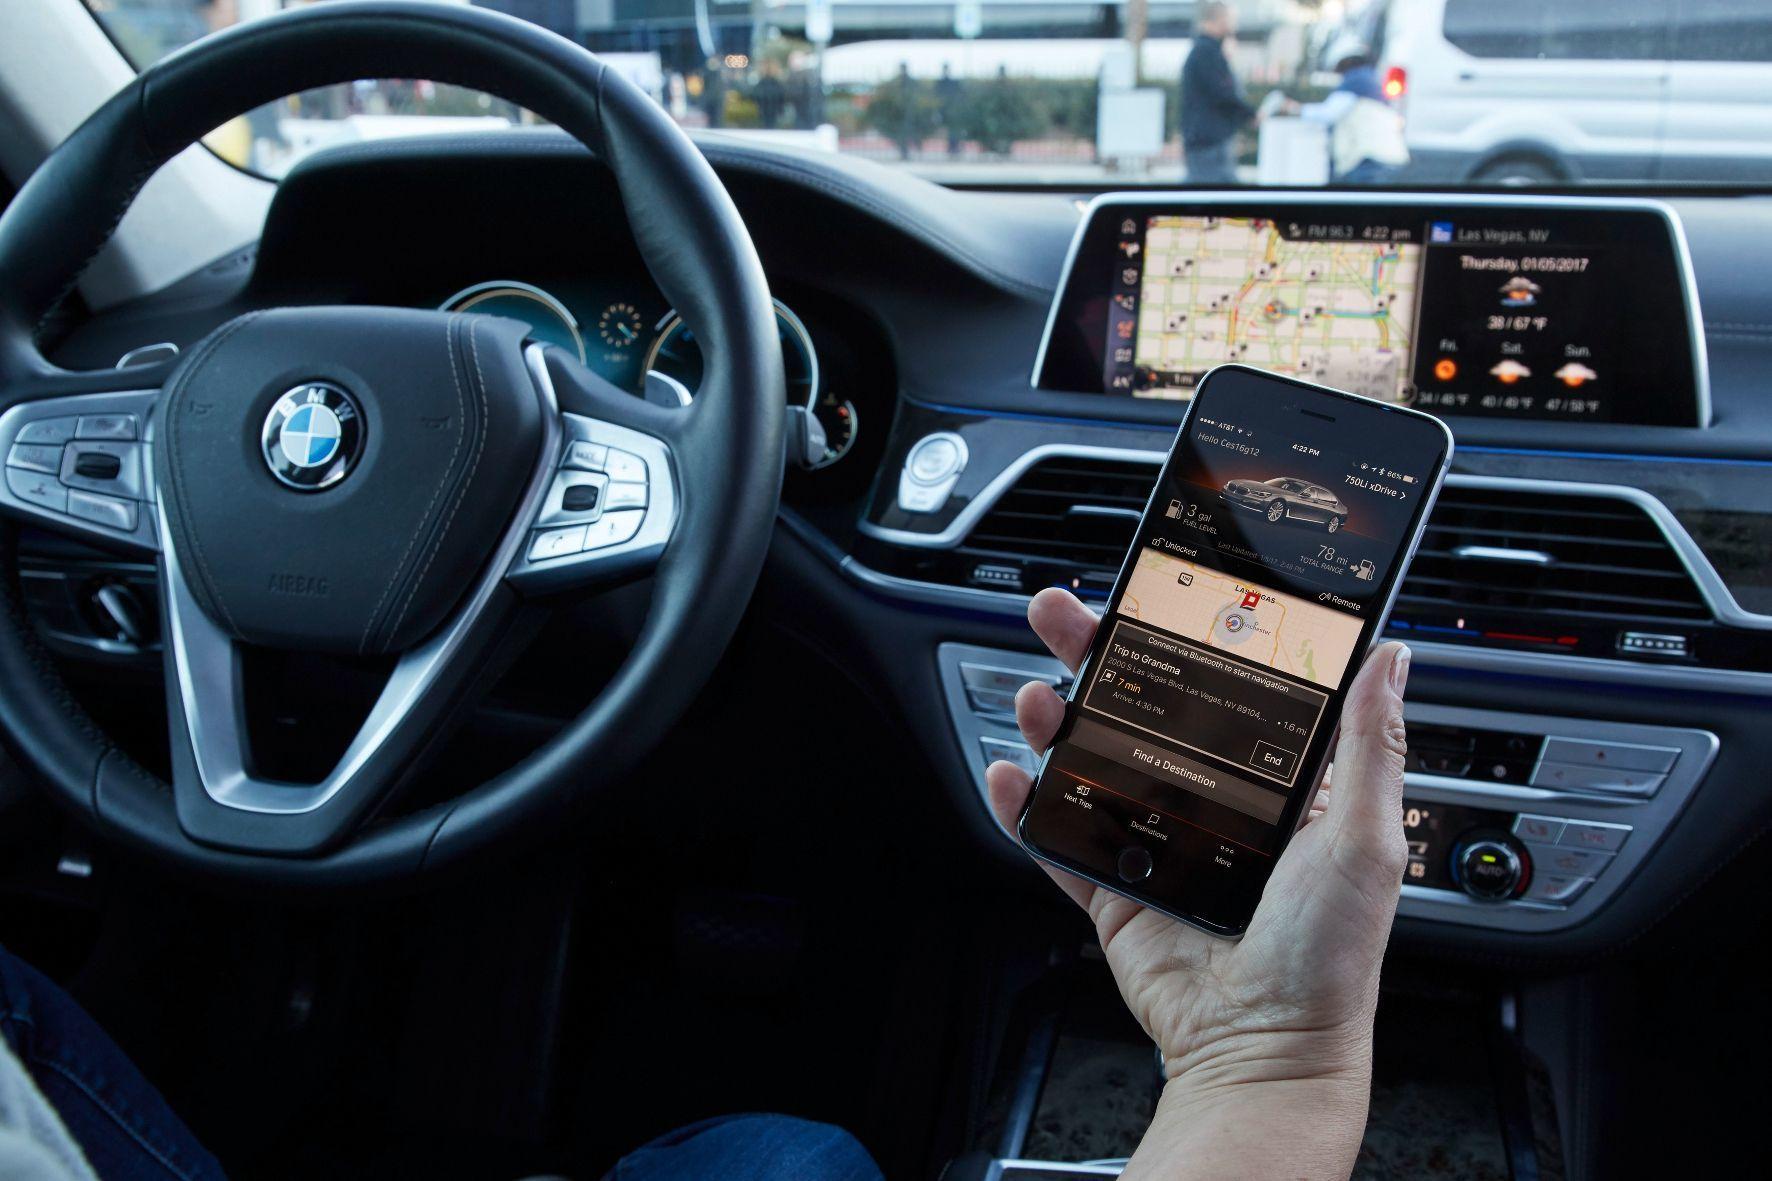 mid Groß-Gerau - Das Auto wird mehr und mehr zum rollenden Smartphone. Das fordert die Kundschaft und die Hersteller stellen sich darauf ein.